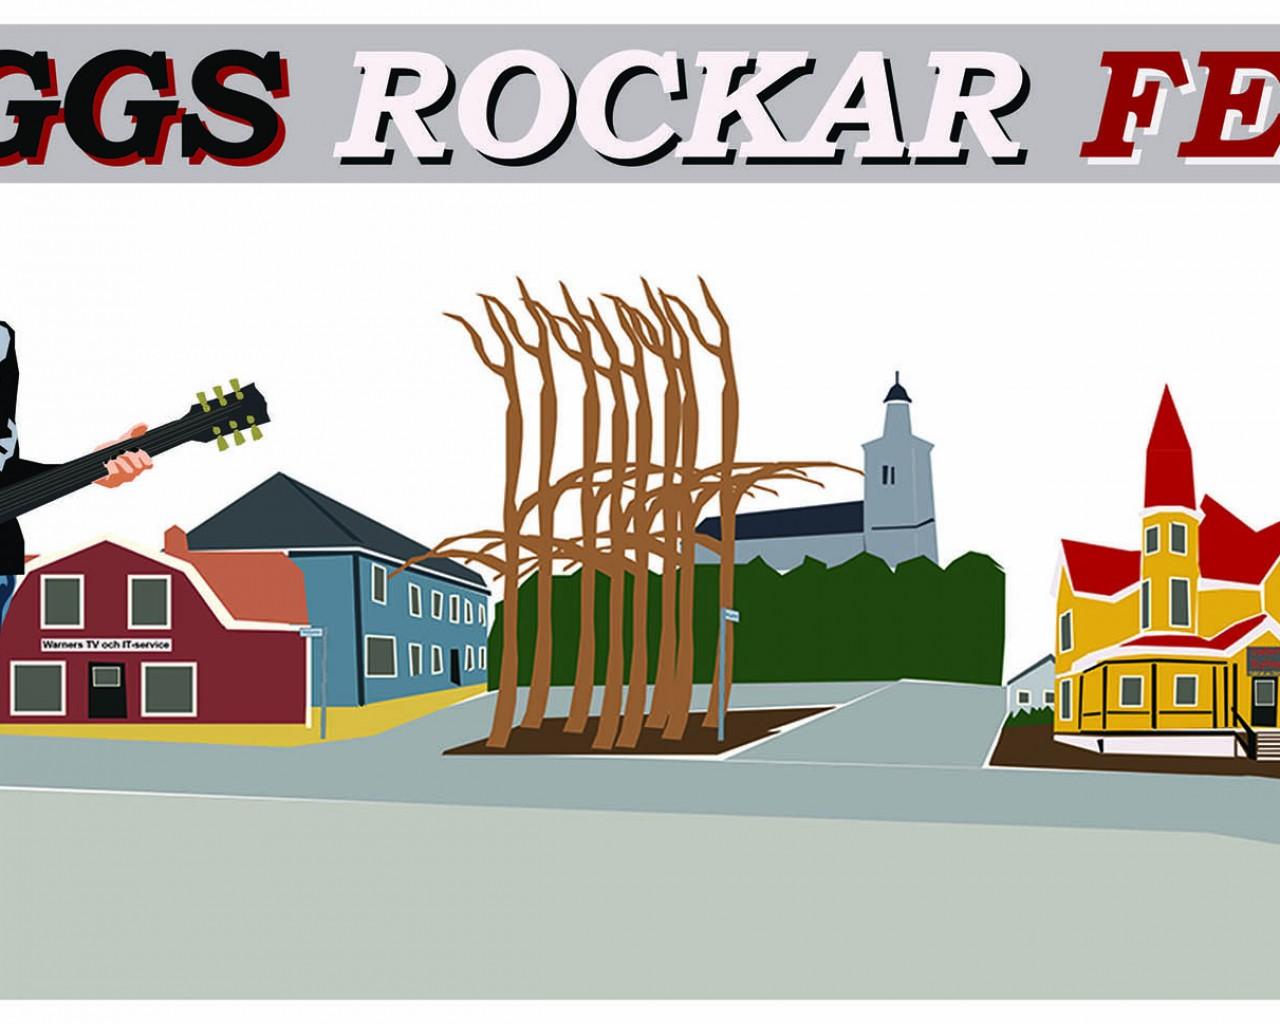 Poster Image for Biggs rockar fett